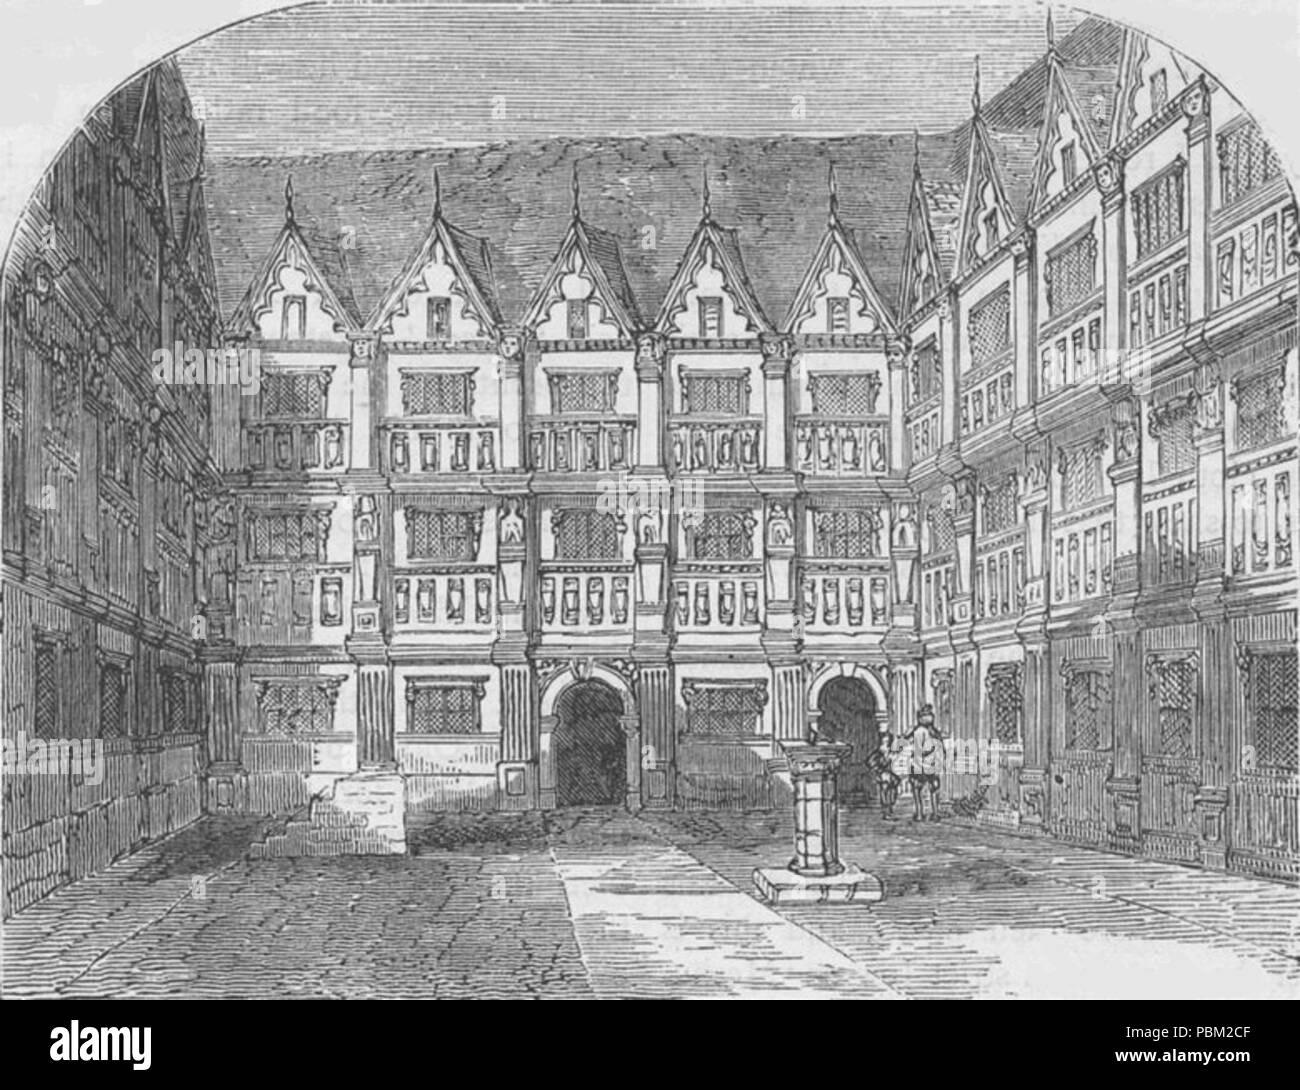 772 House of Sir Thomas Gresham in Bishopsgate Street - Stock Image